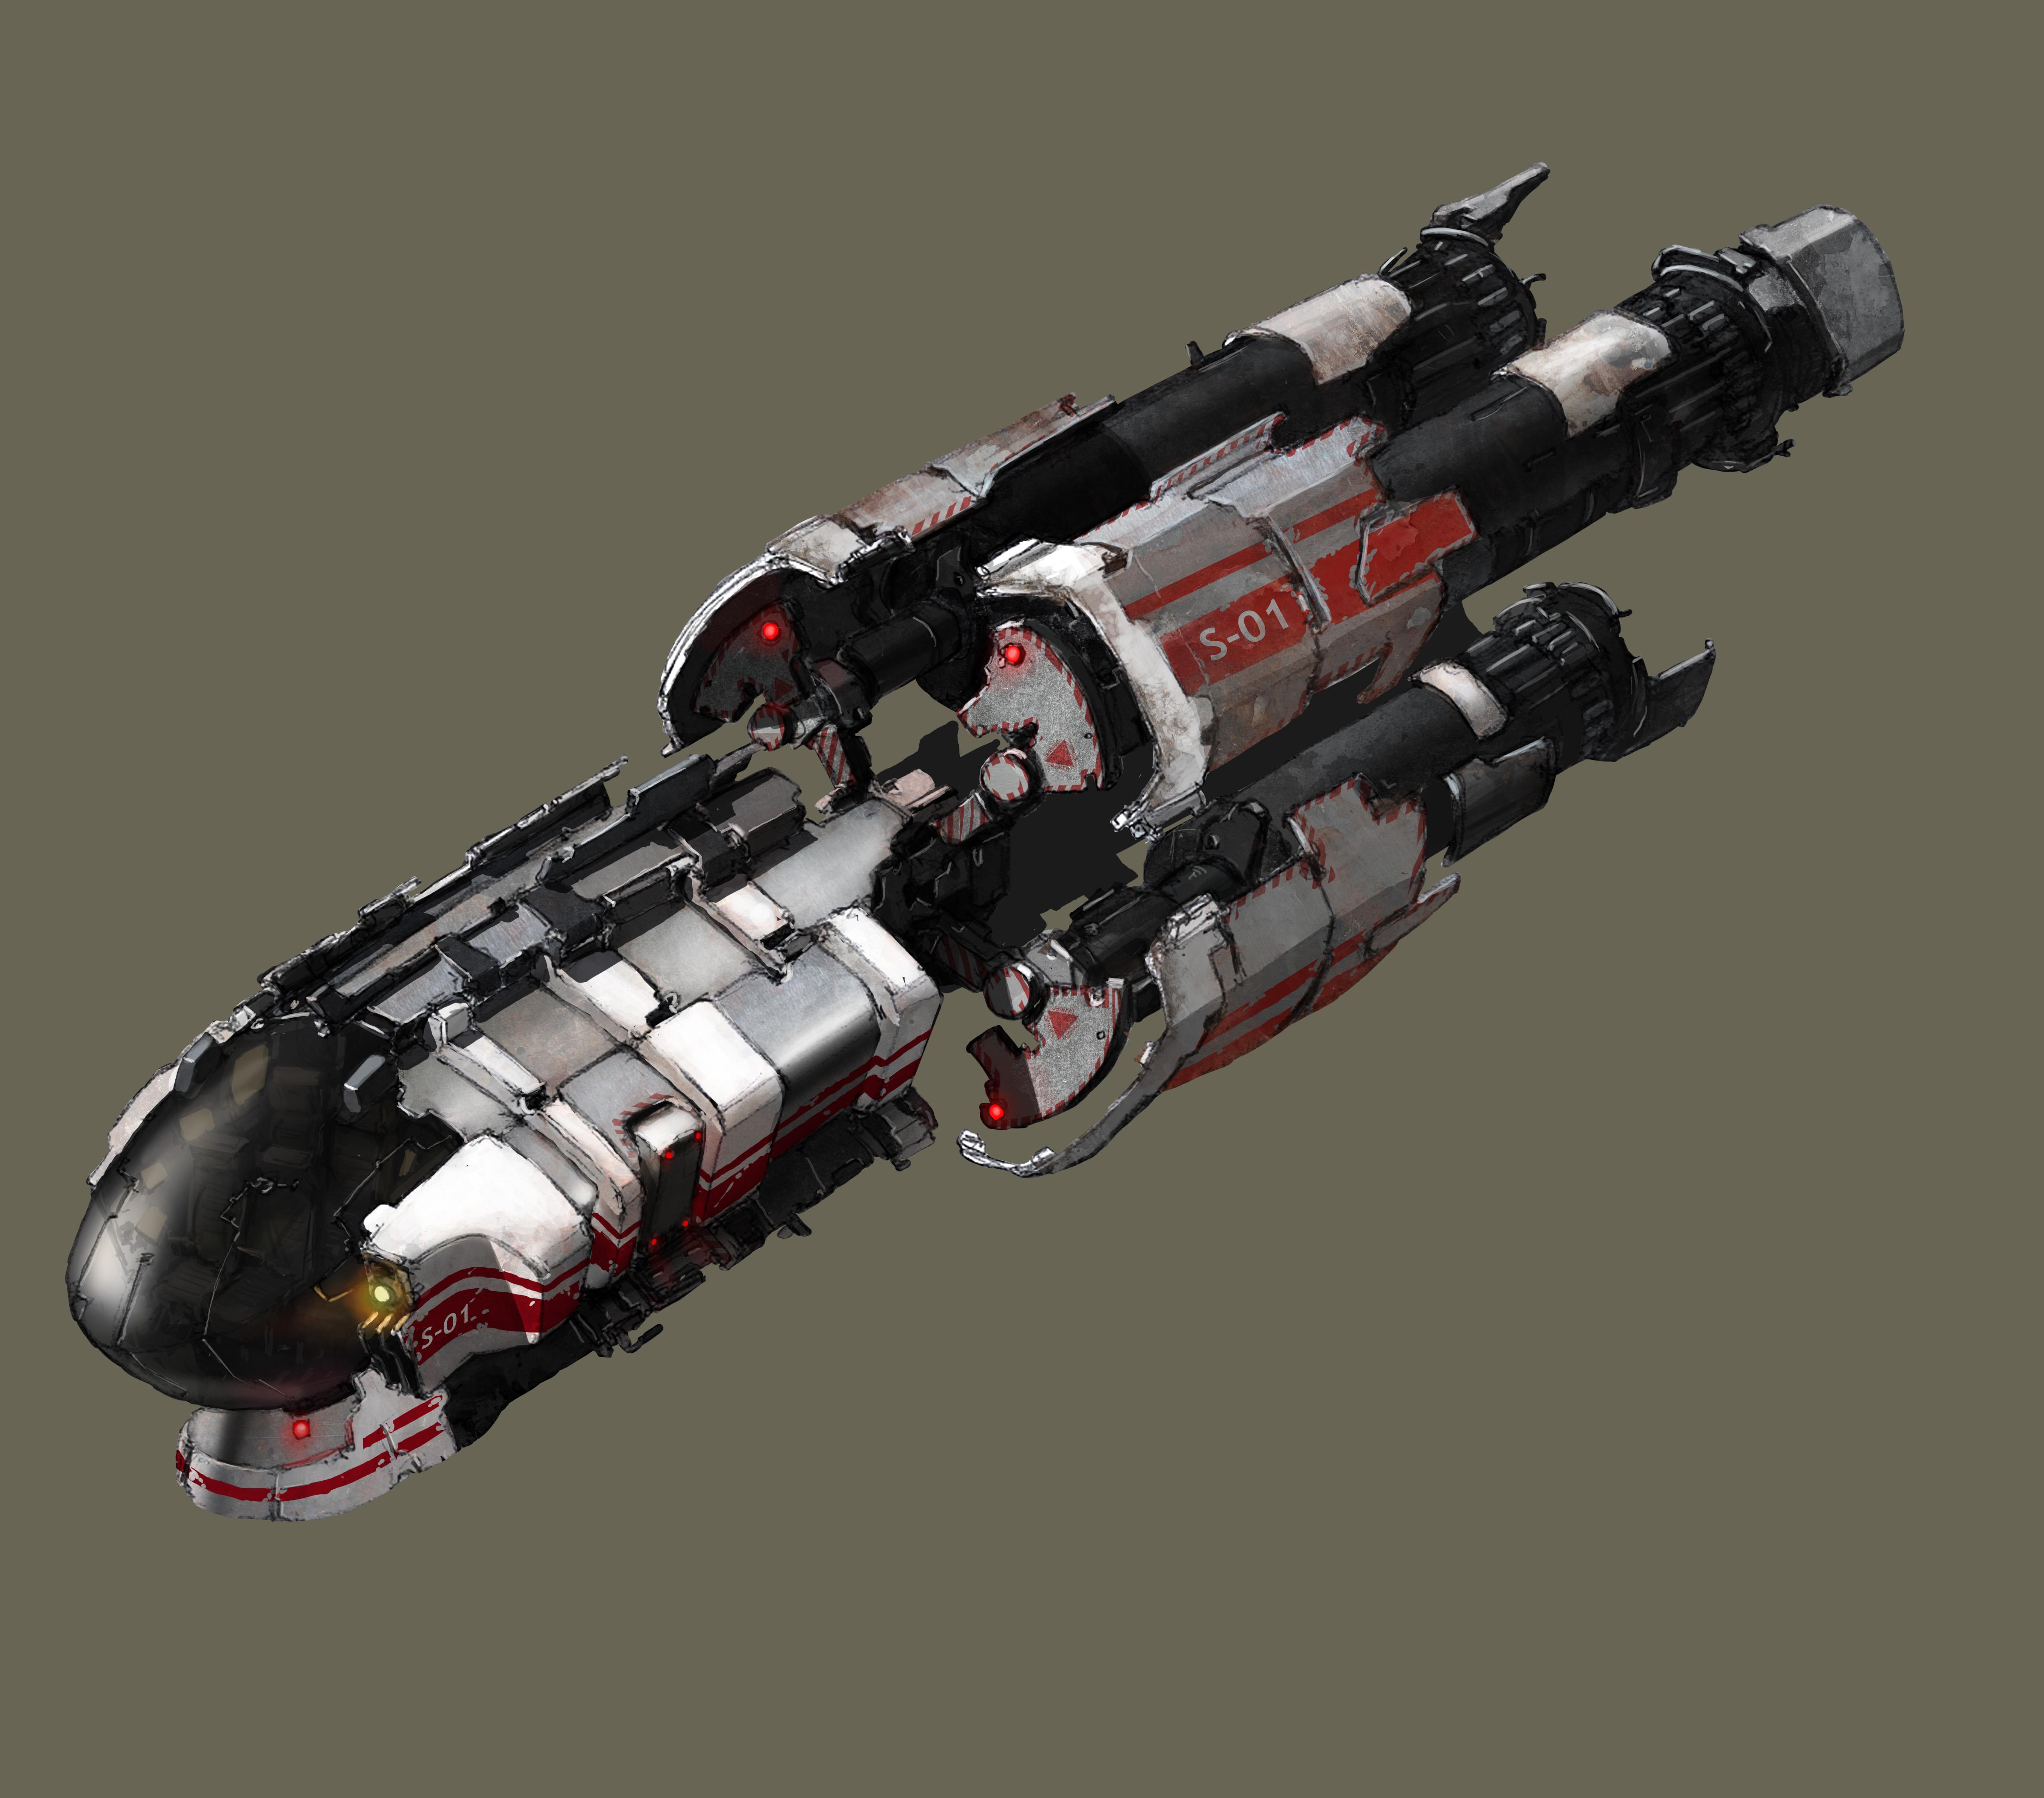 Shuttle_editV2.jpg